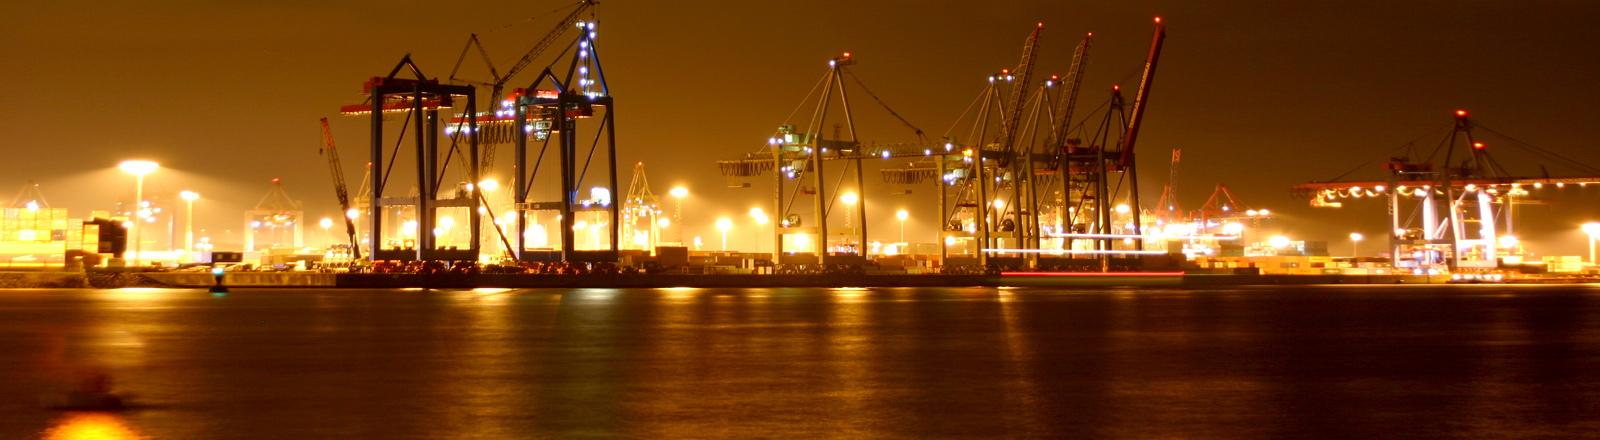 Hafen von Hamburg bei Nacht.